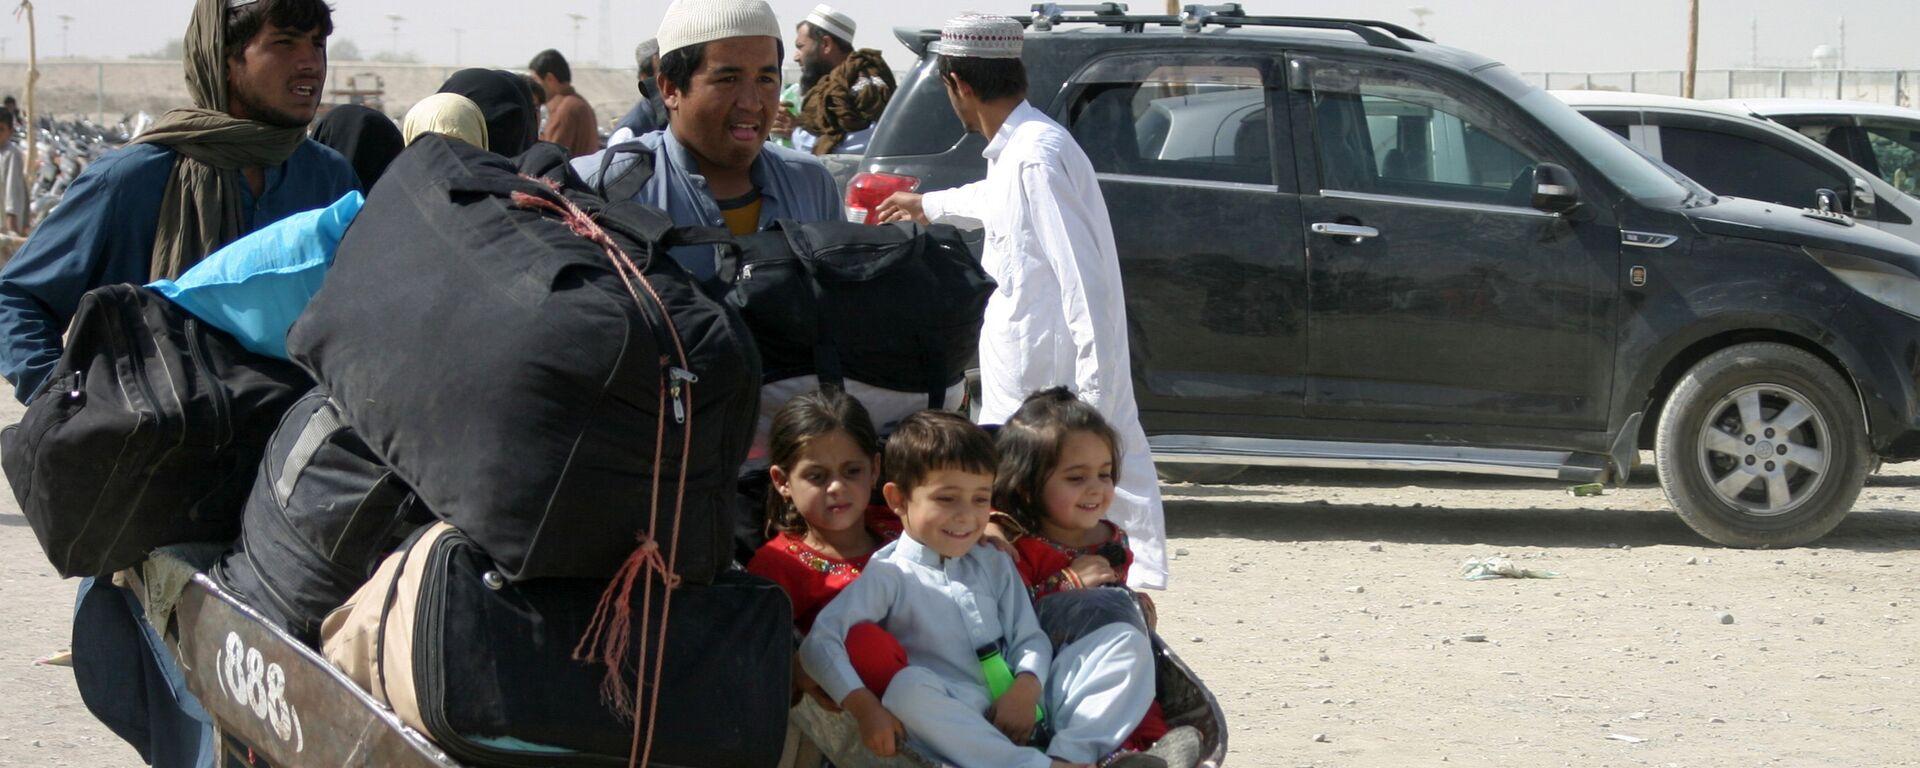 Afghánská rodina s věcmi na kontrolním stanovišti Brána přátelství v pákistánsko-afghánském pohraničním městě Chaman, Pákistán - Sputnik Česká republika, 1920, 03.09.2021